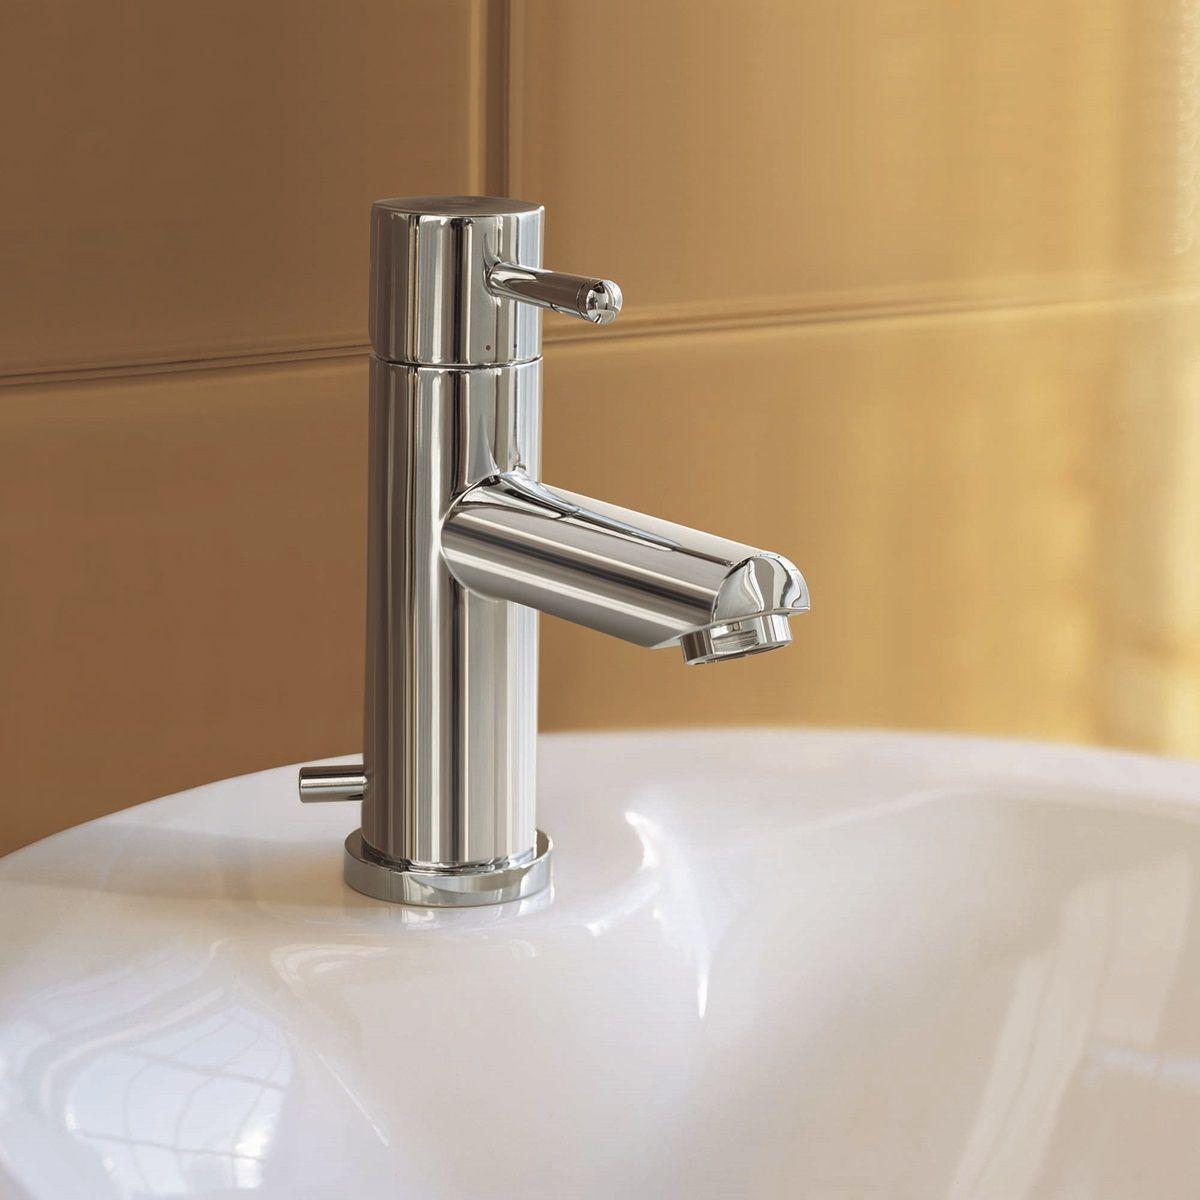 Bathroom Sink Faucets Serin 1 Handle Monoblock Bathroom Faucet